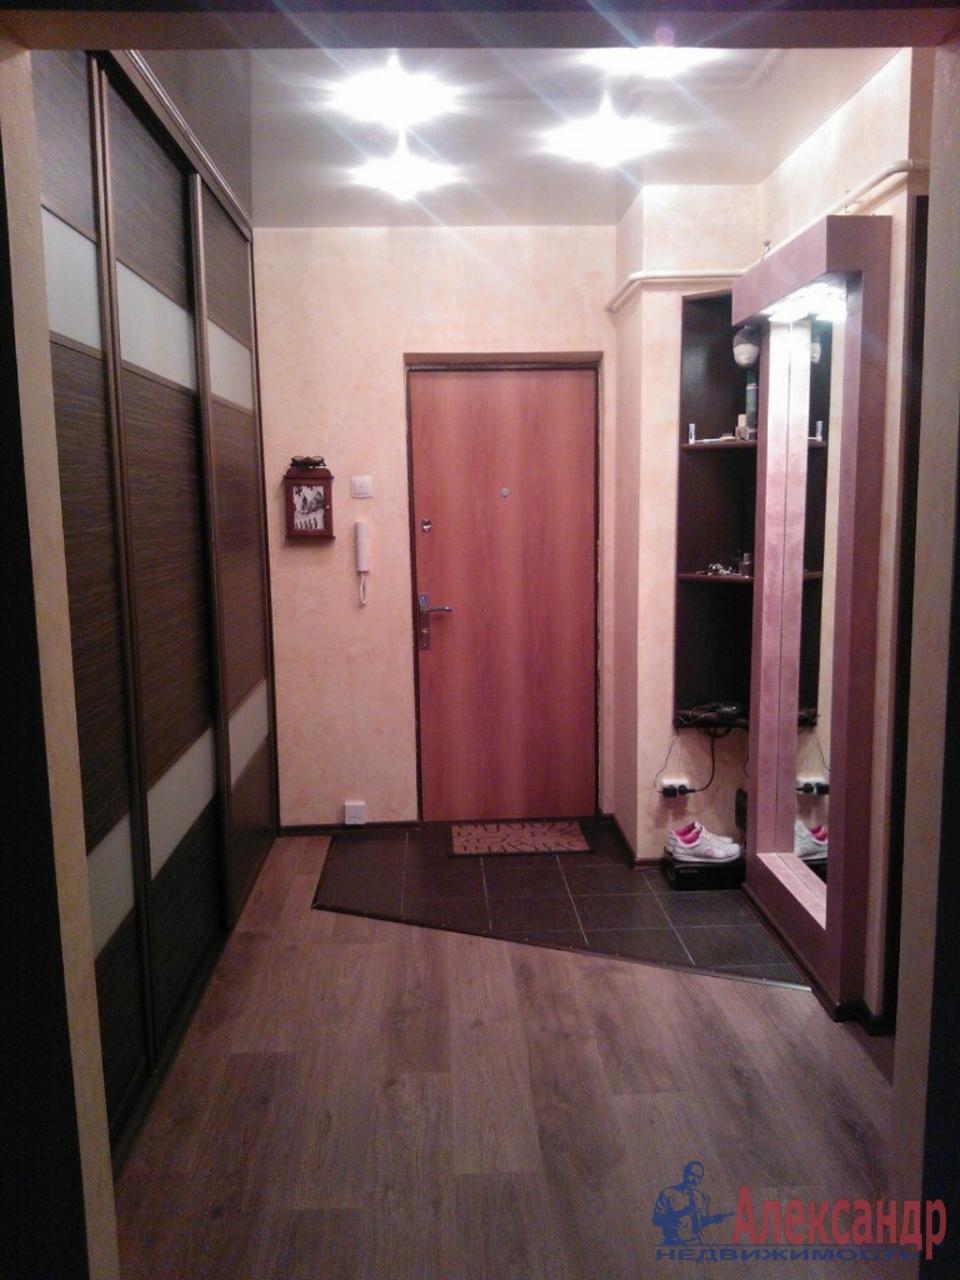 1-комнатная квартира (48м2) в аренду по адресу Пулковское шос., 14— фото 5 из 5